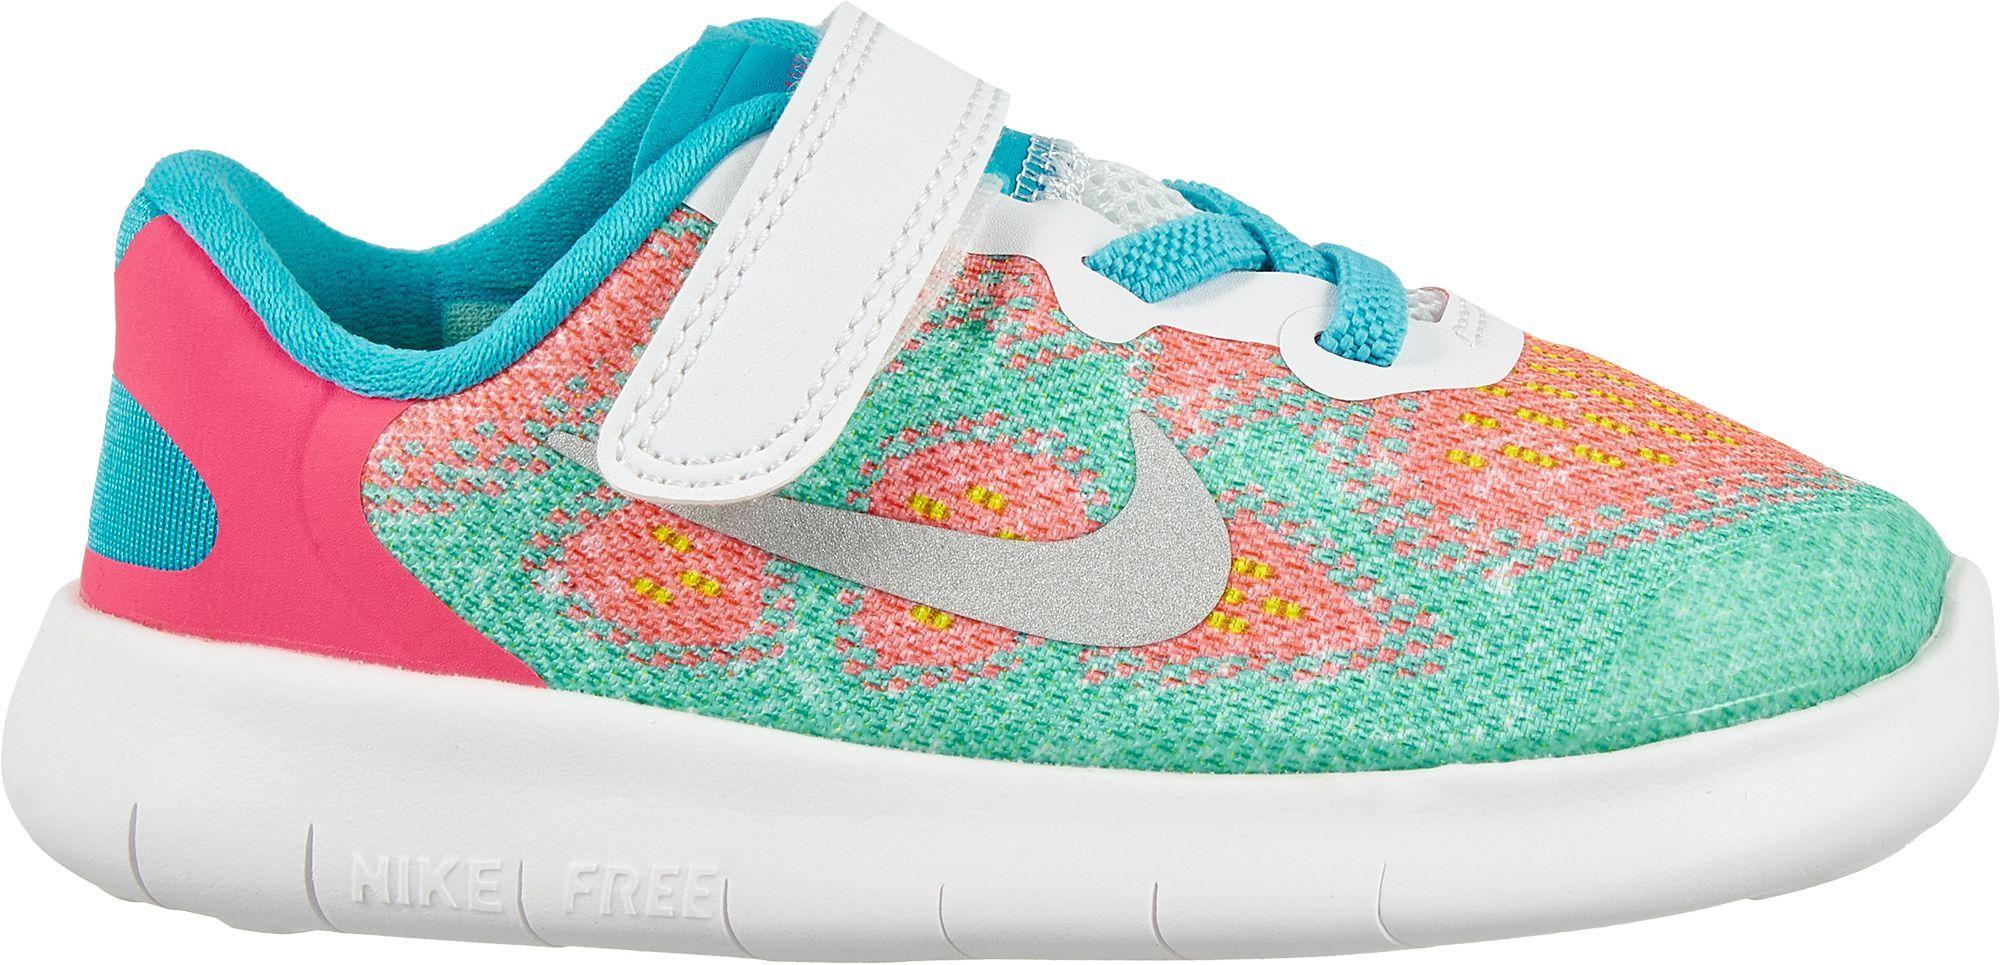 Nike Toddler Free RN 2 Running Shoes Toddler Boy s Size 4K Blue